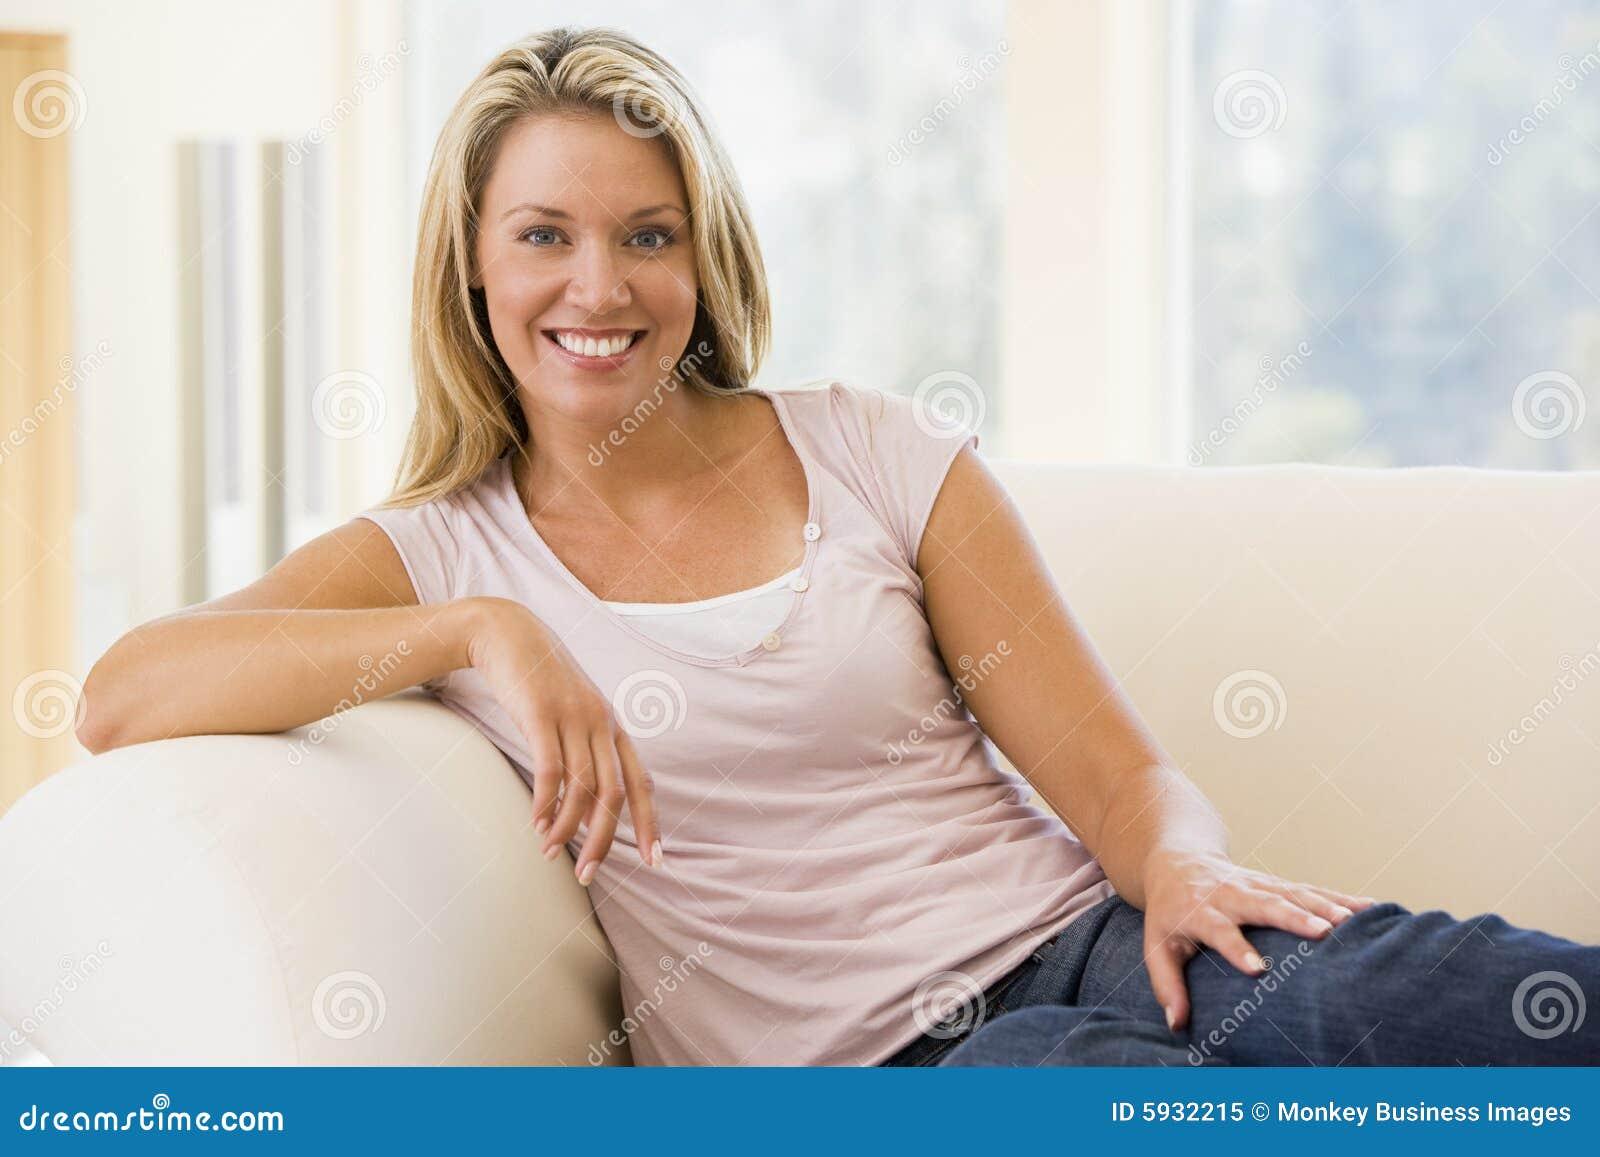 Pokojowa kobieta siedząca żyje